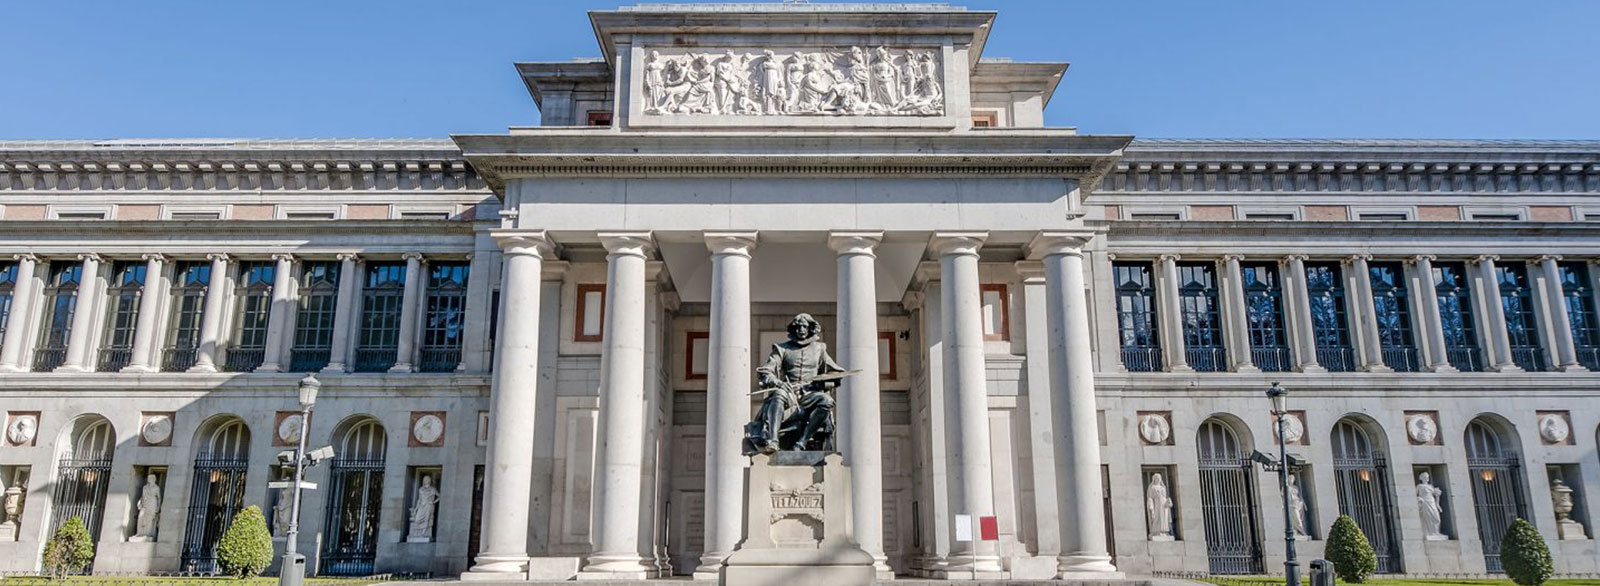 Welcome </br>The Prado Museum